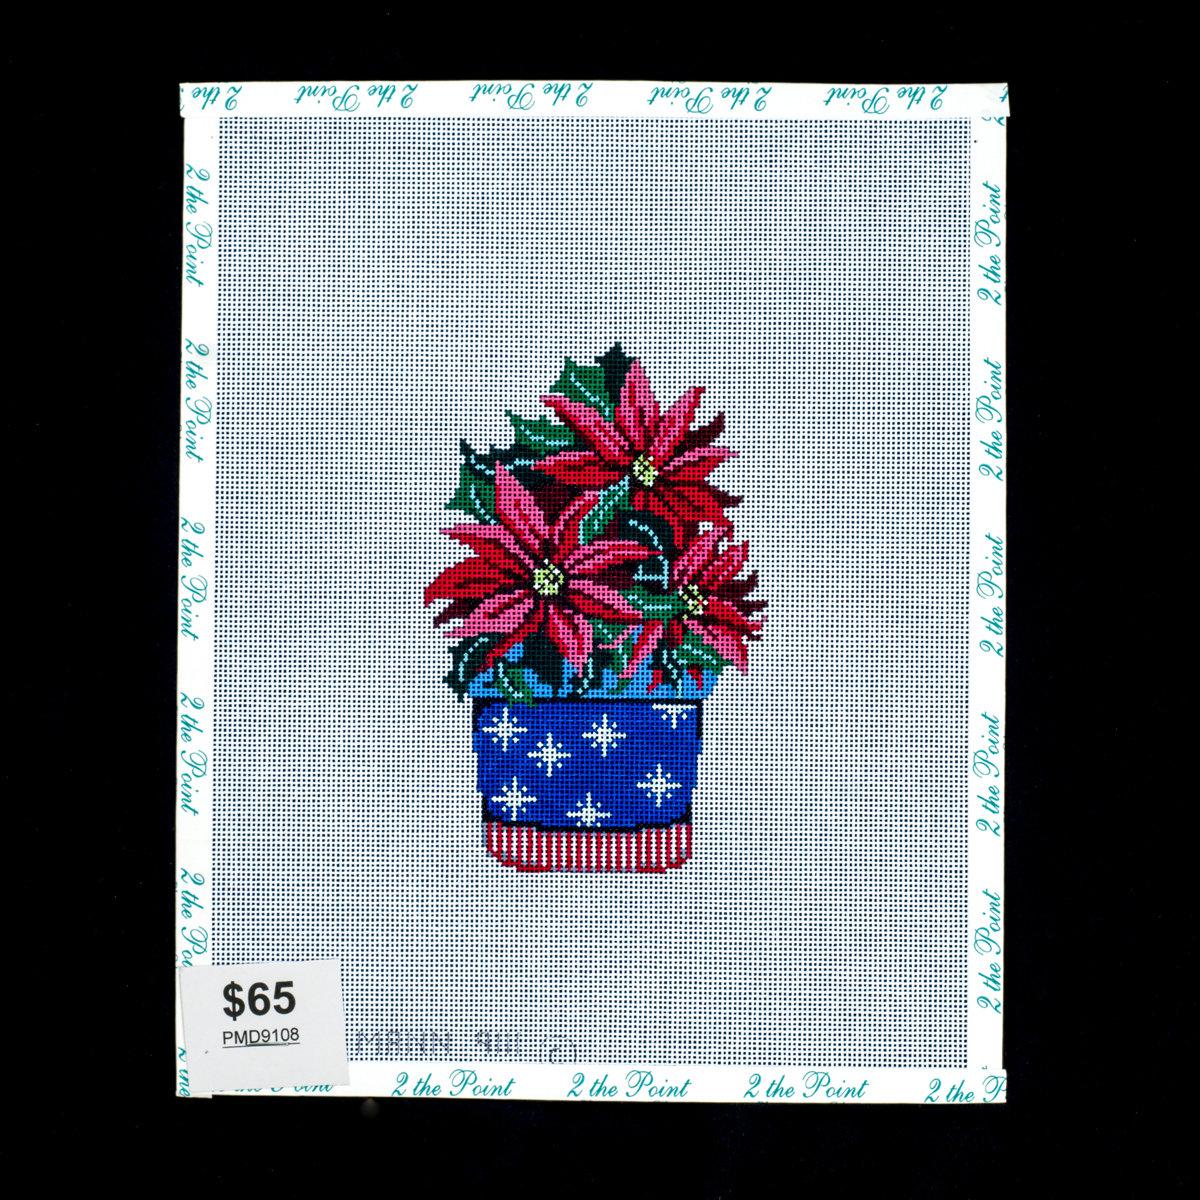 Patti Mann Design, Floral, PMD9108